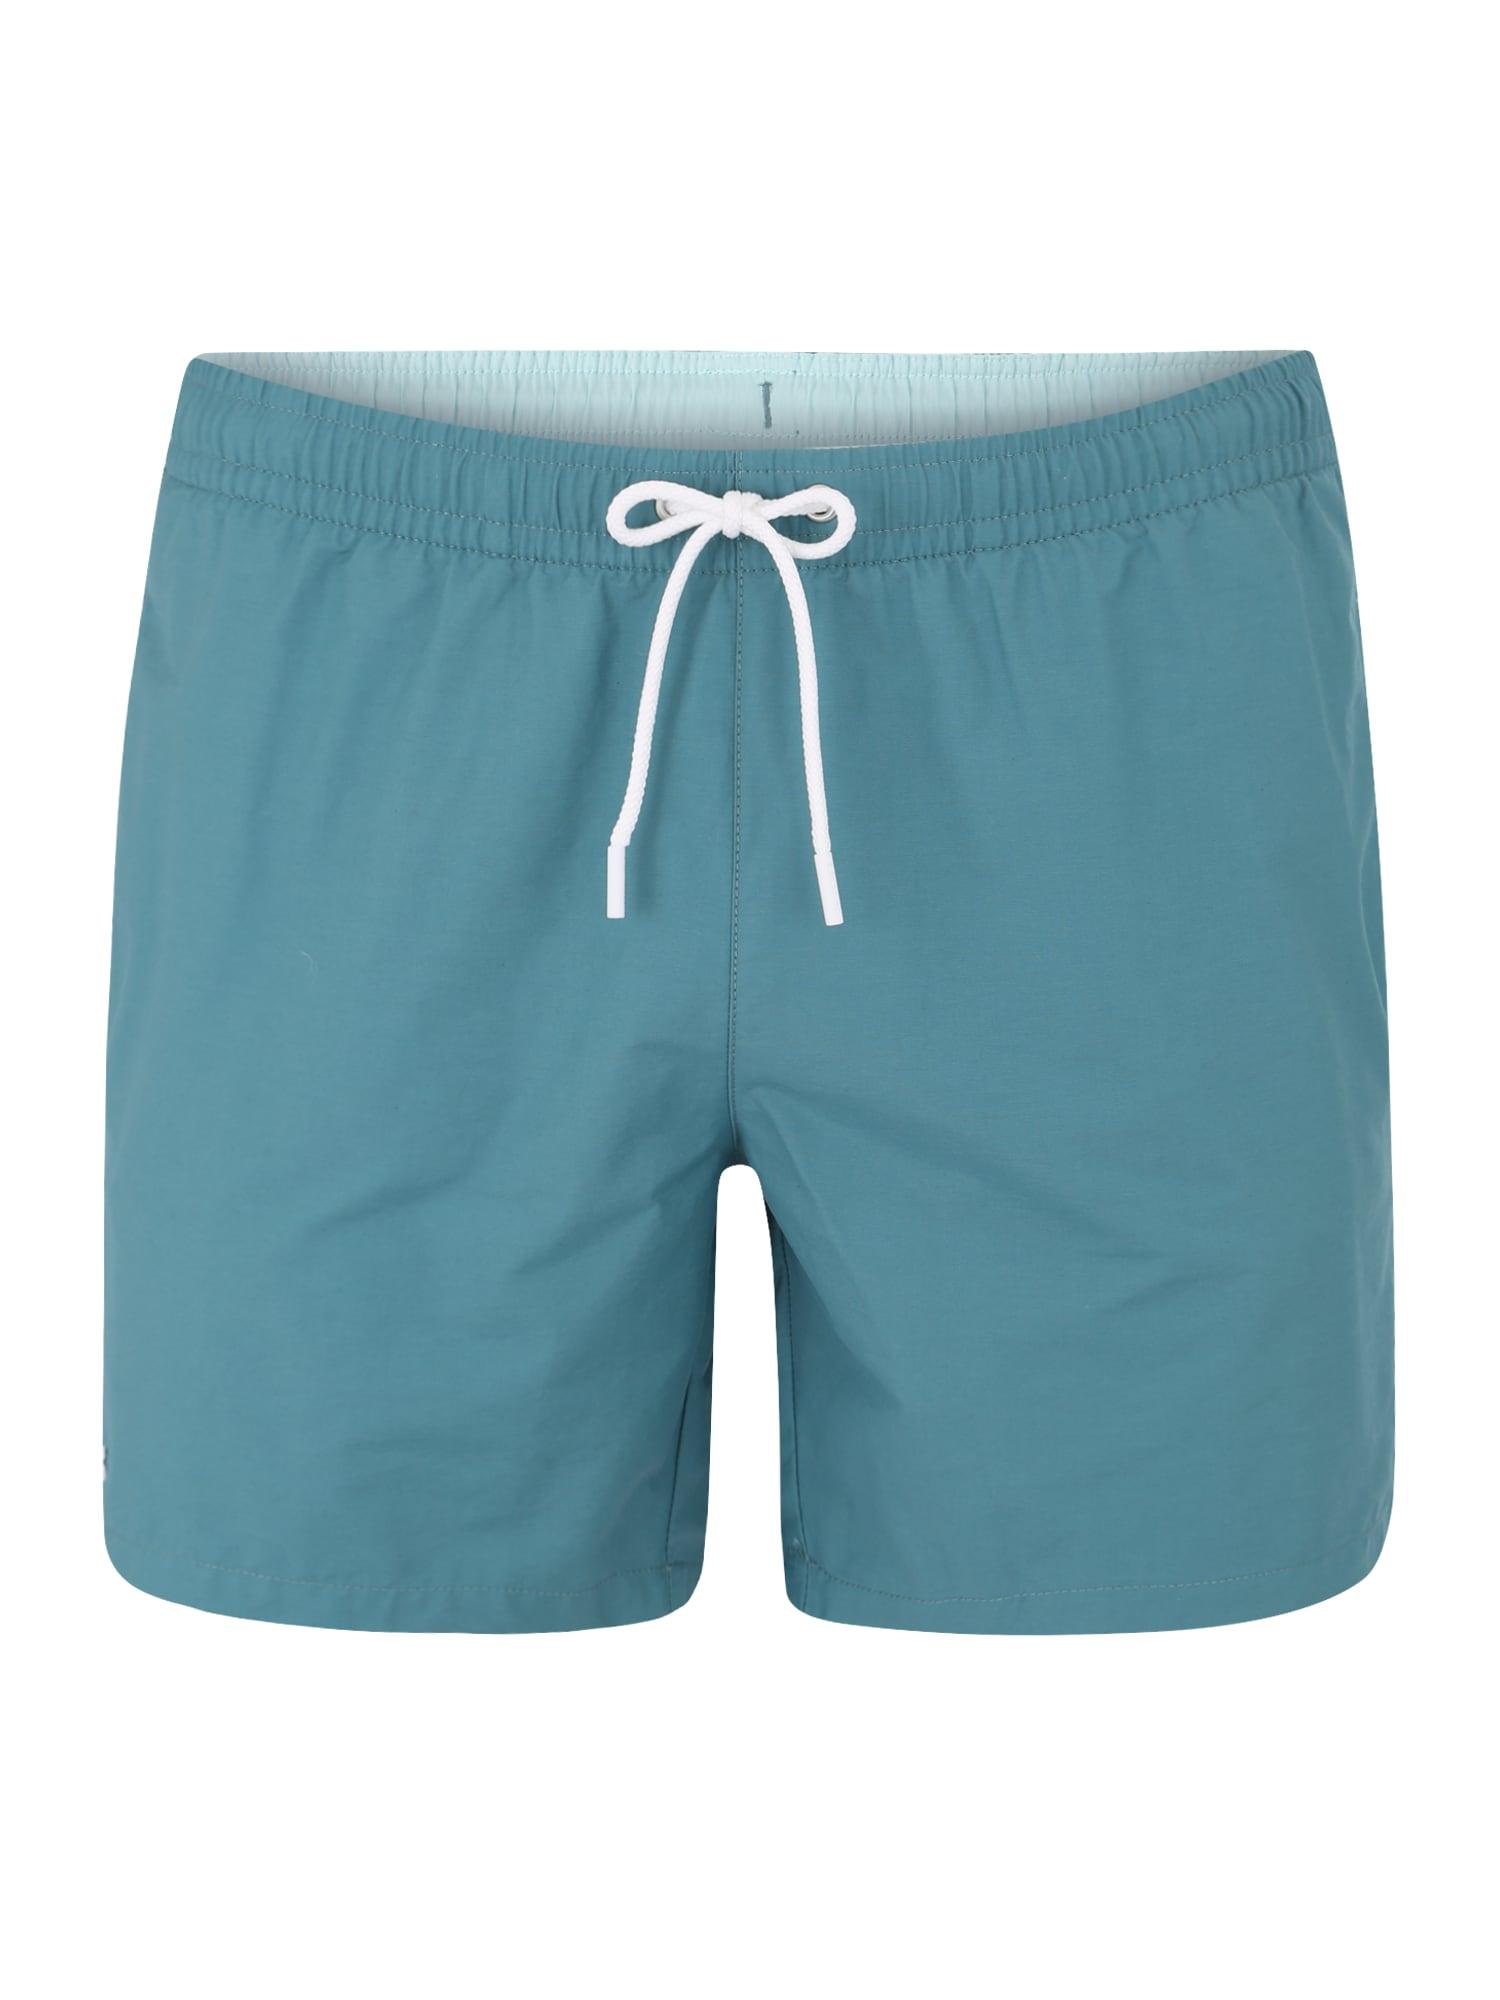 Plavecké šortky himmelblau LACOSTE